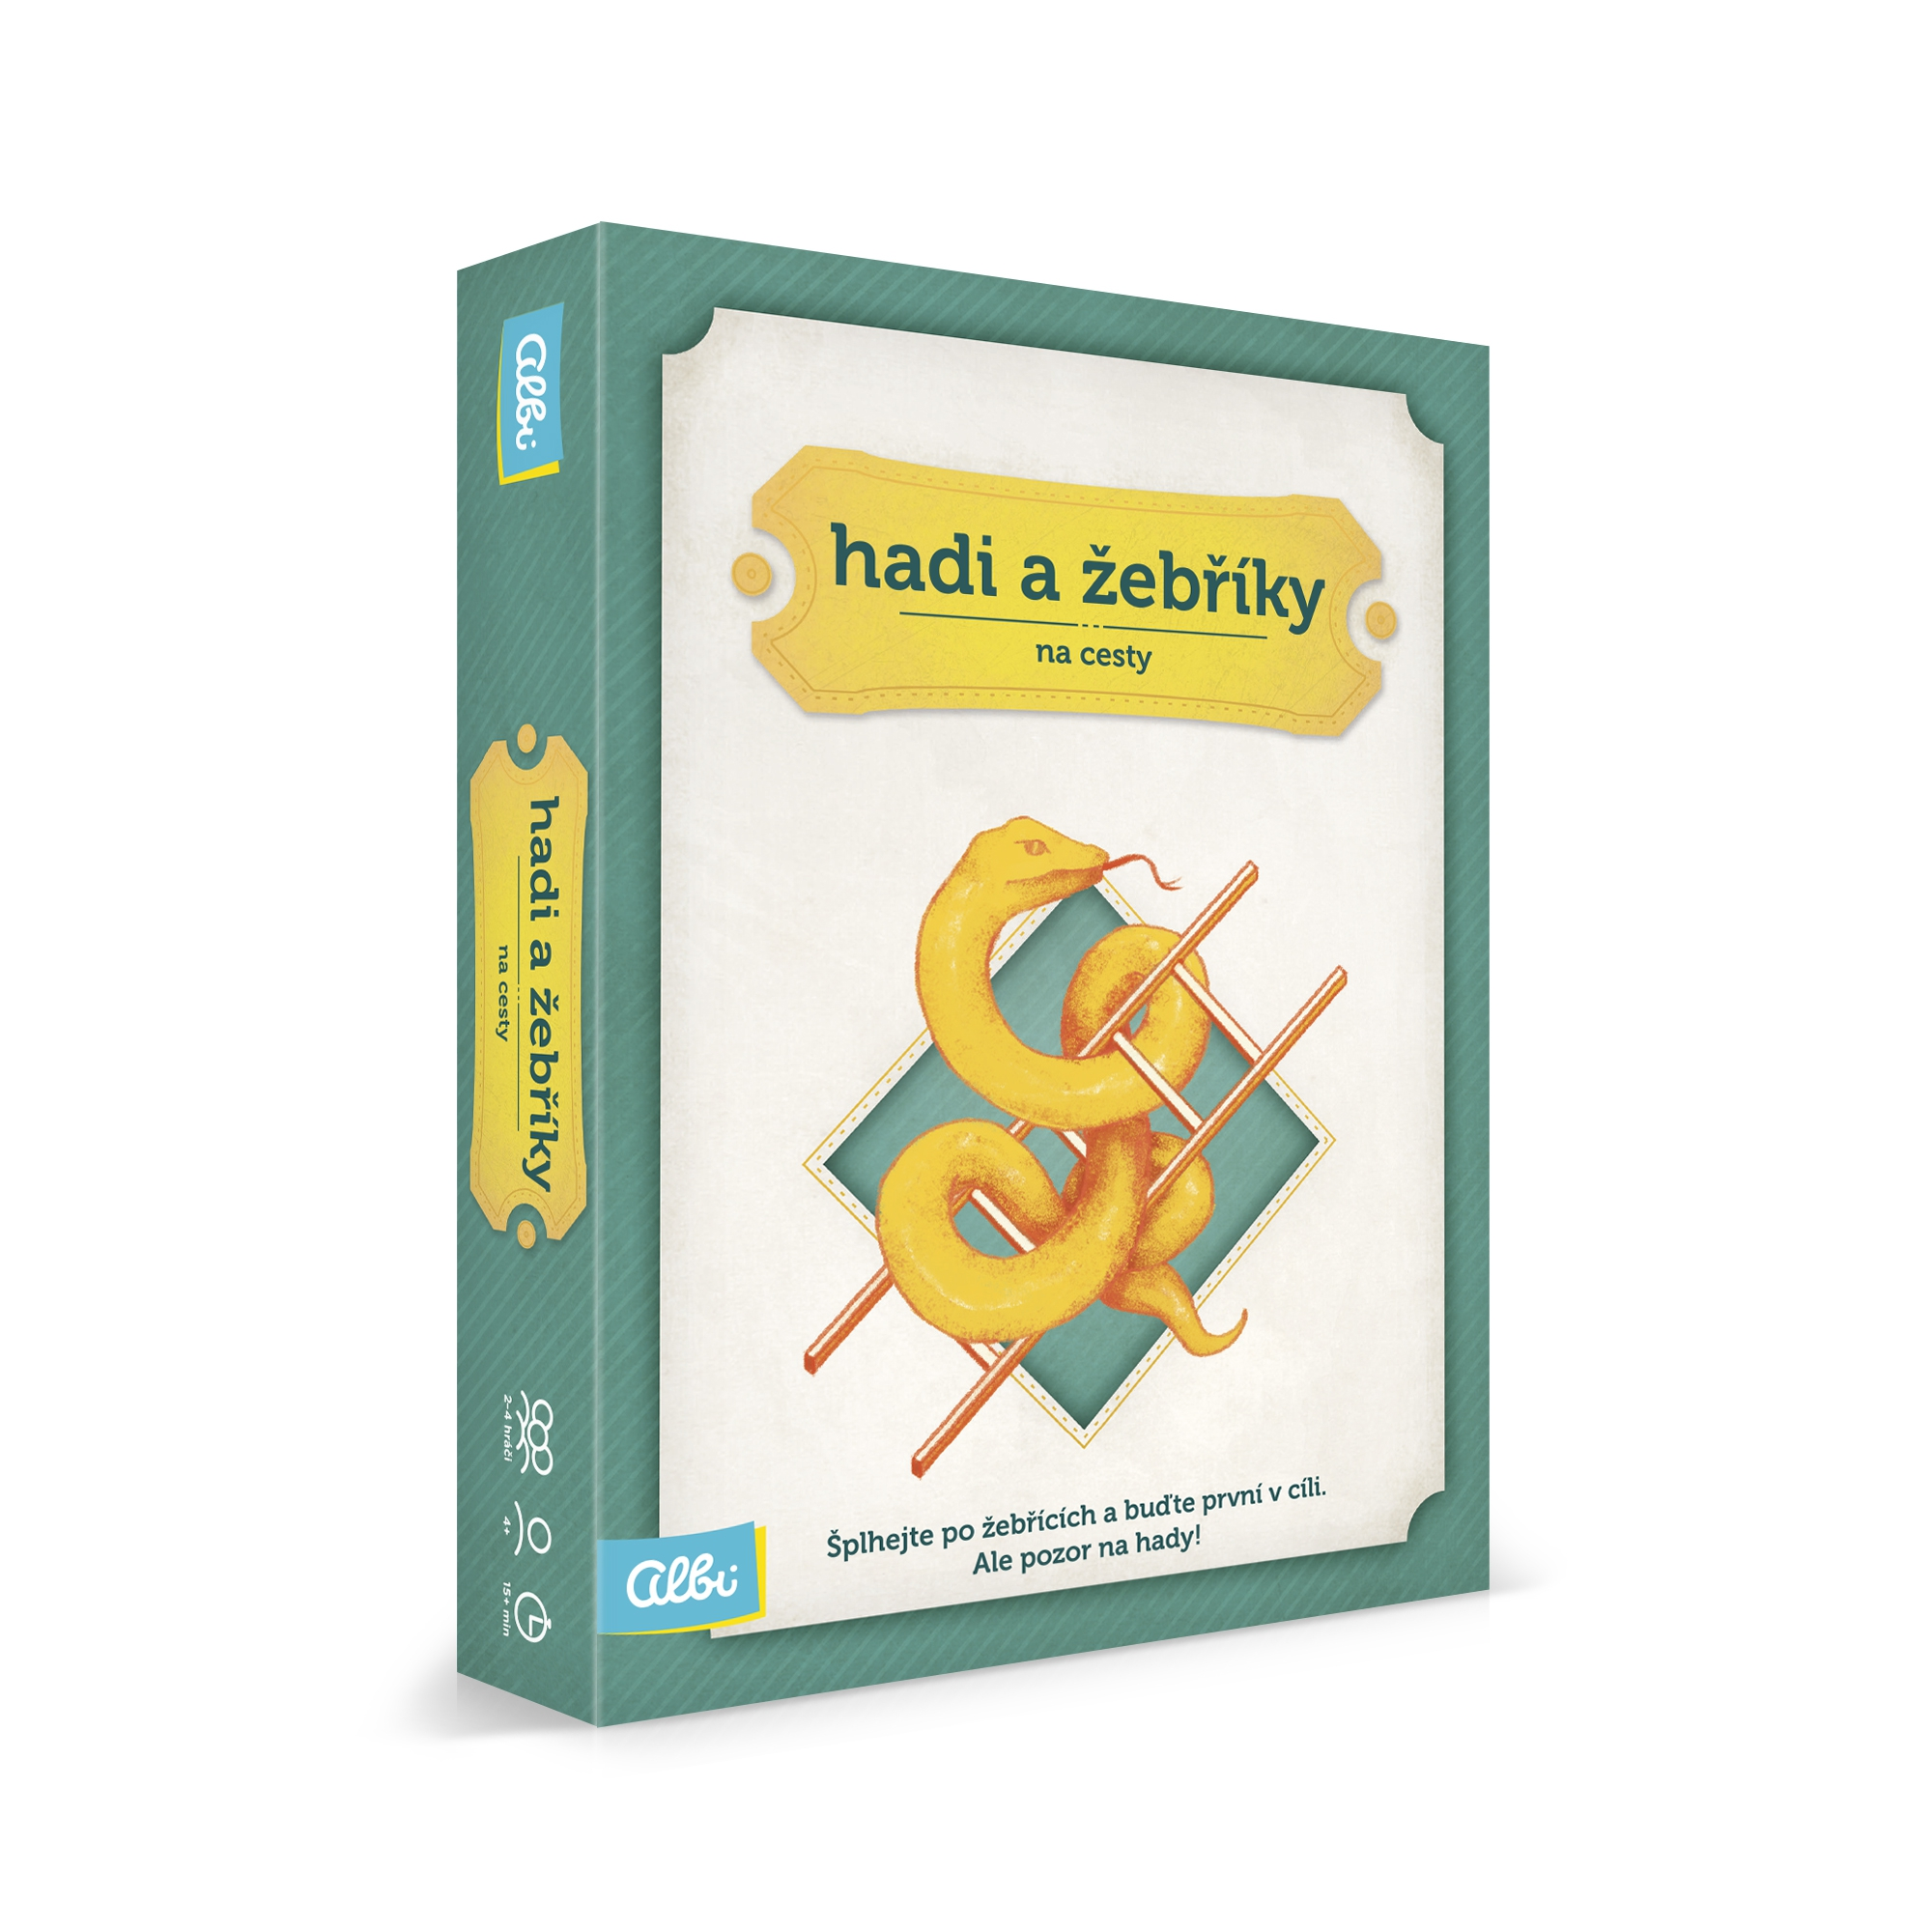 Cestovní hry - Hadi a žebříky na cesty